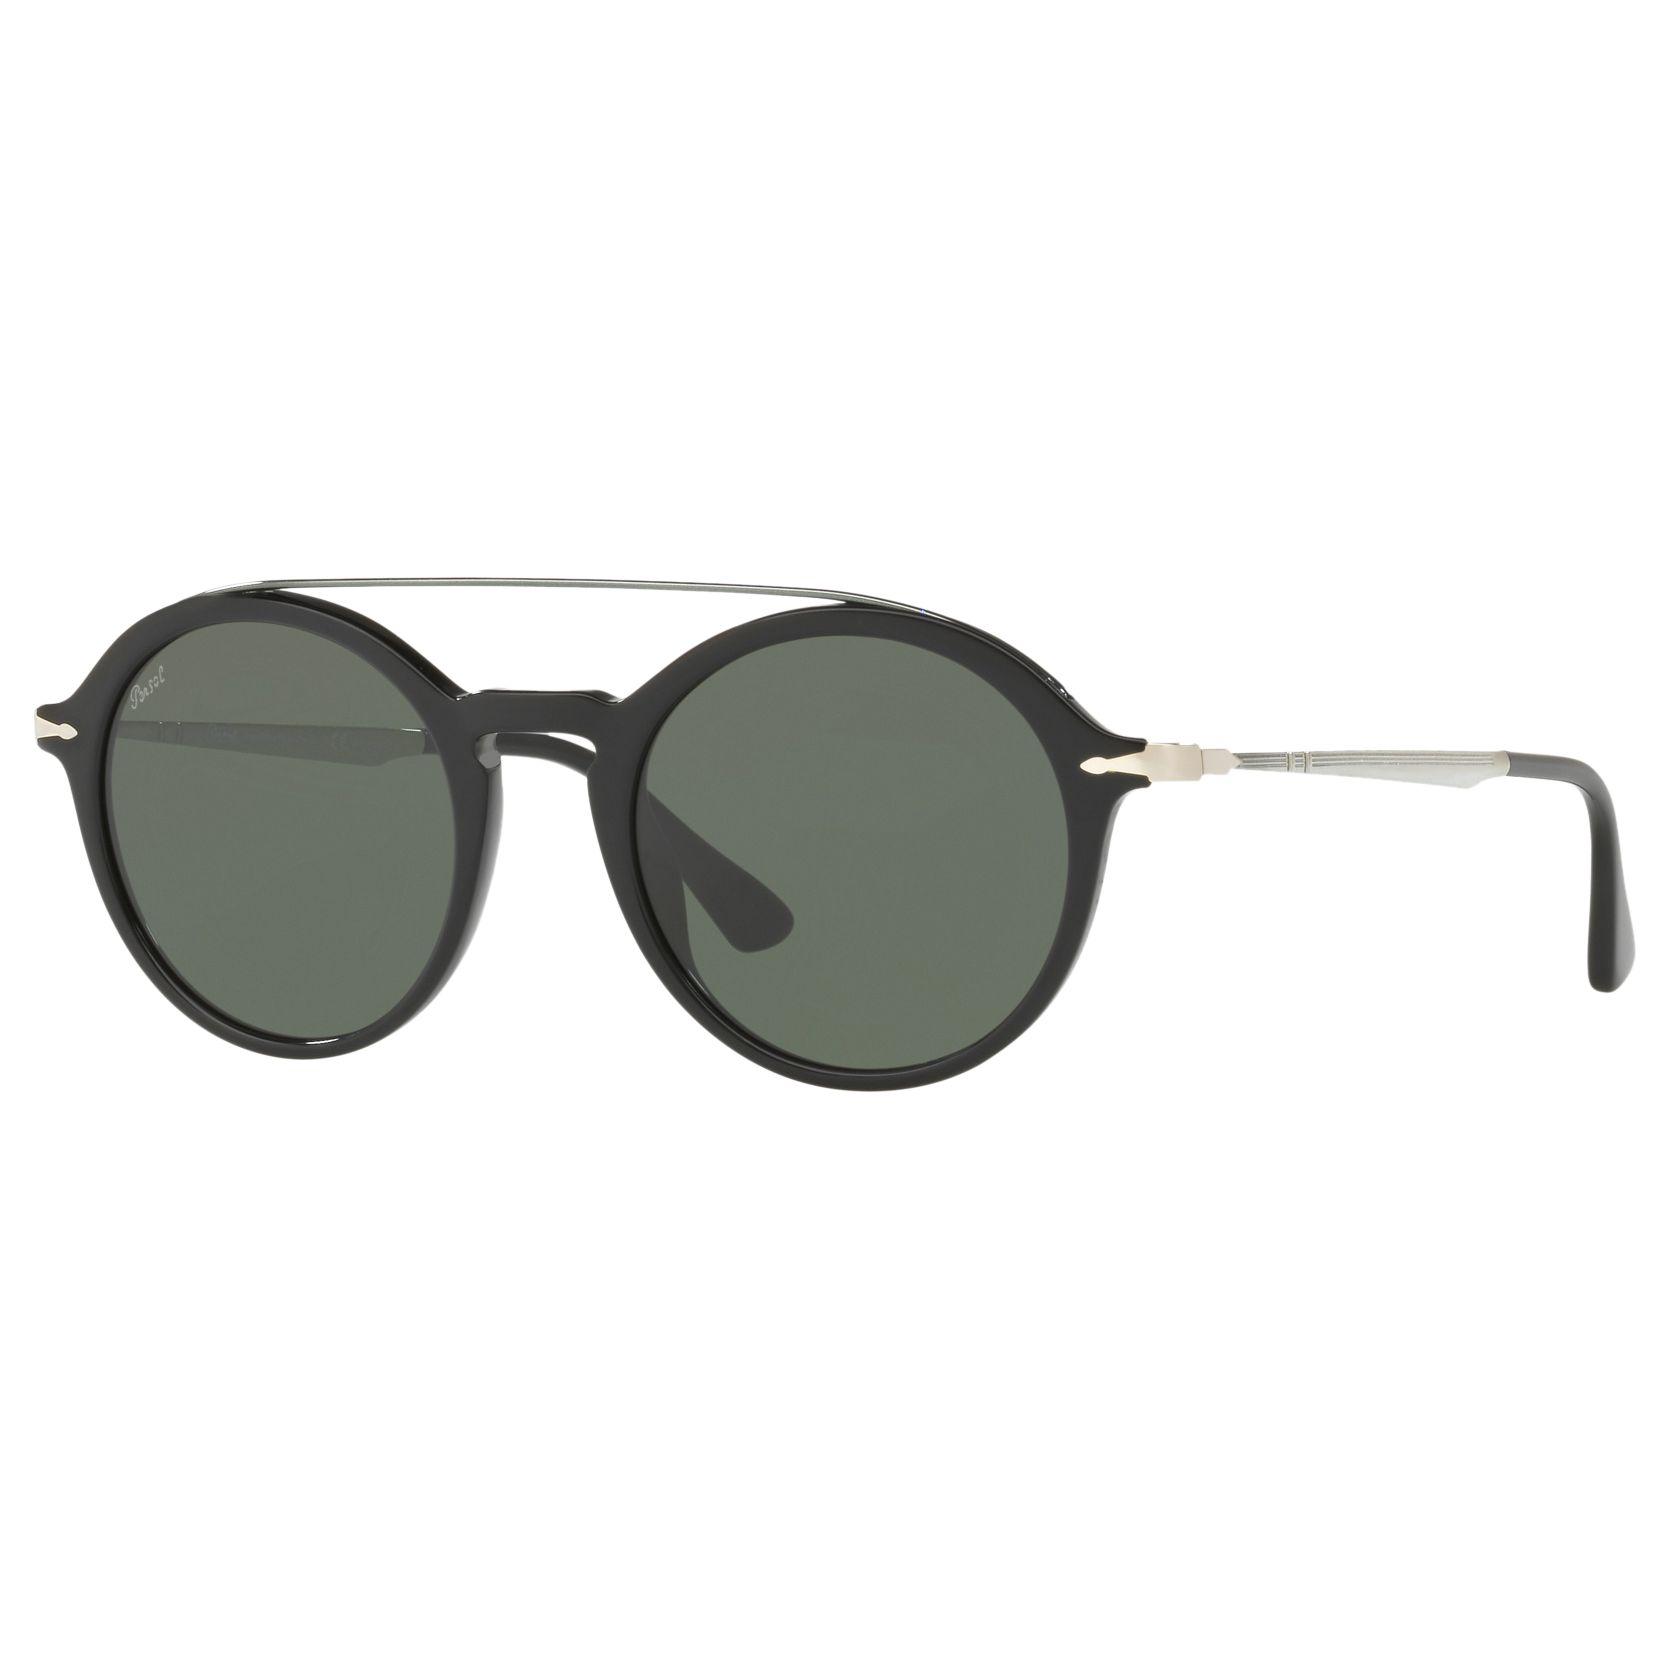 Persol Persol PO3172S Polarised Round Sunglasses, Silver/Grey